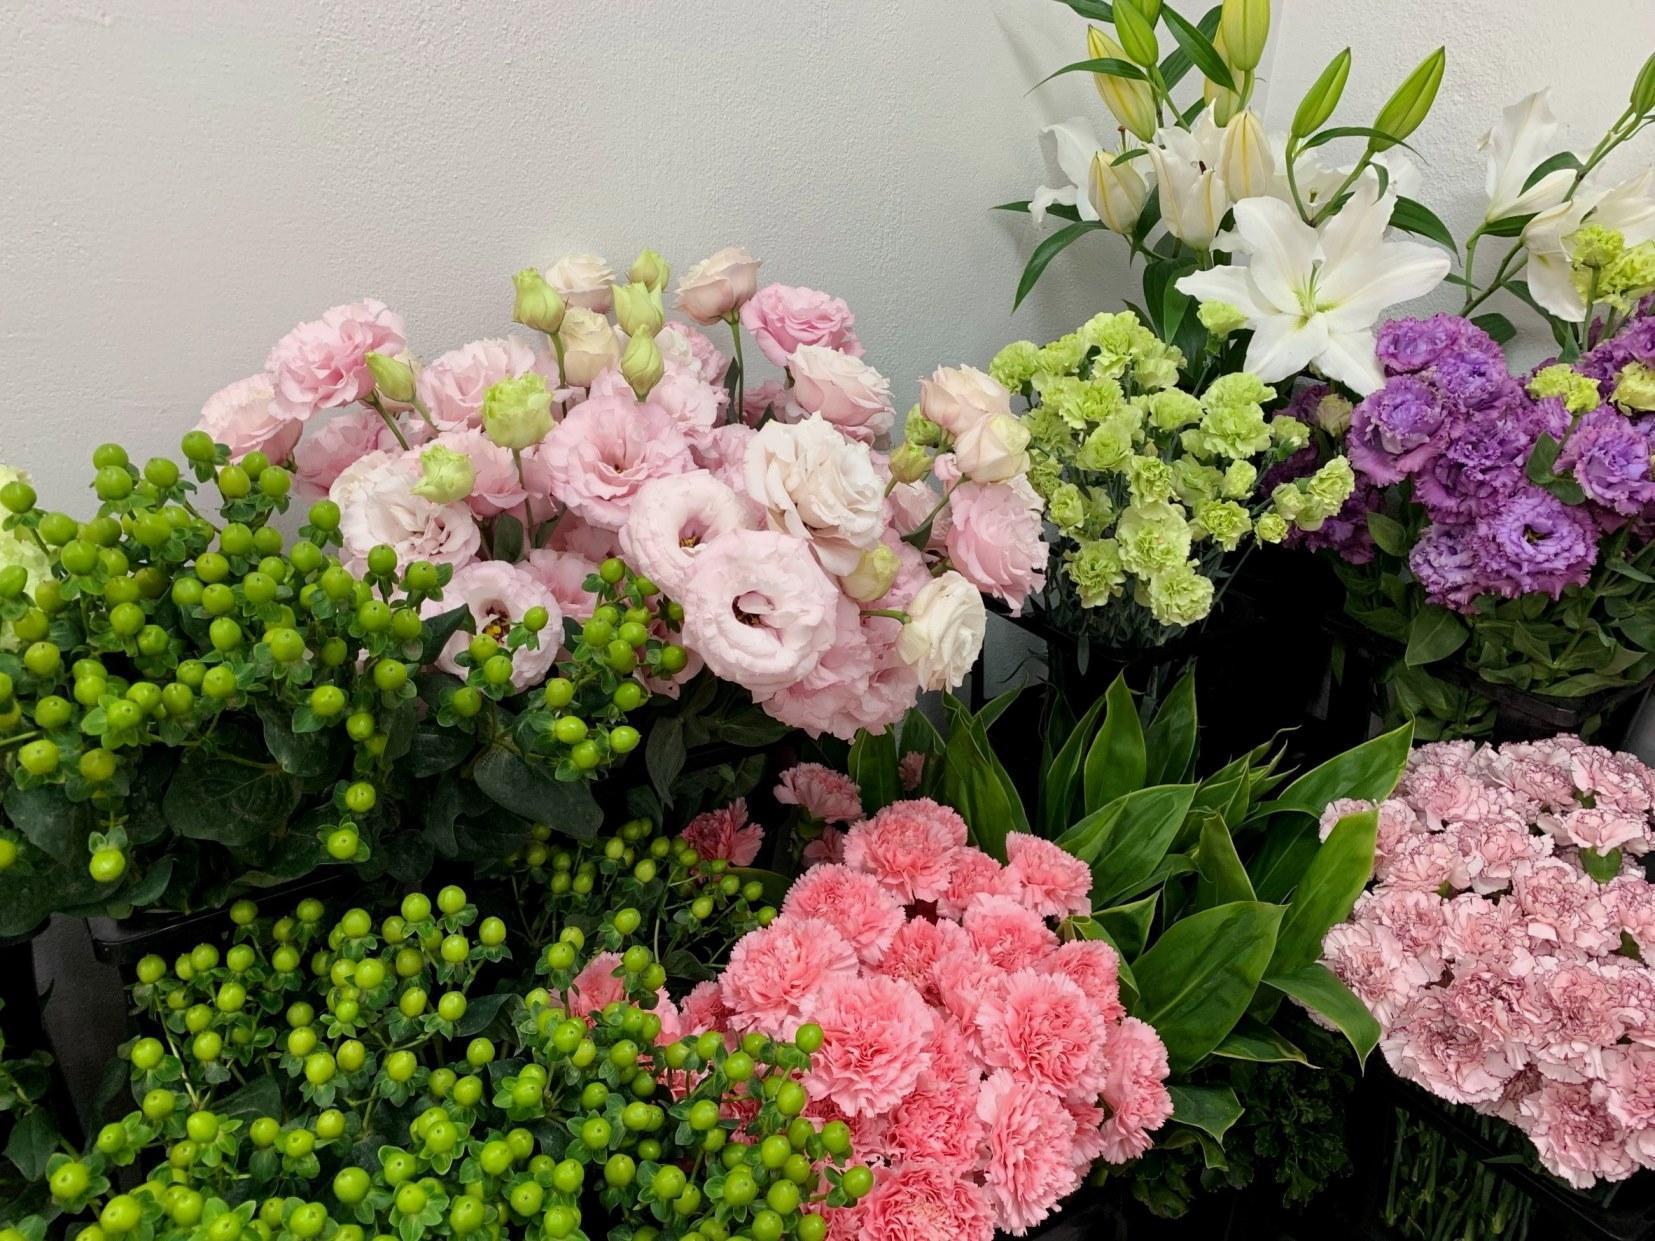 たくさんのお花に囲まれてお仕事できます!